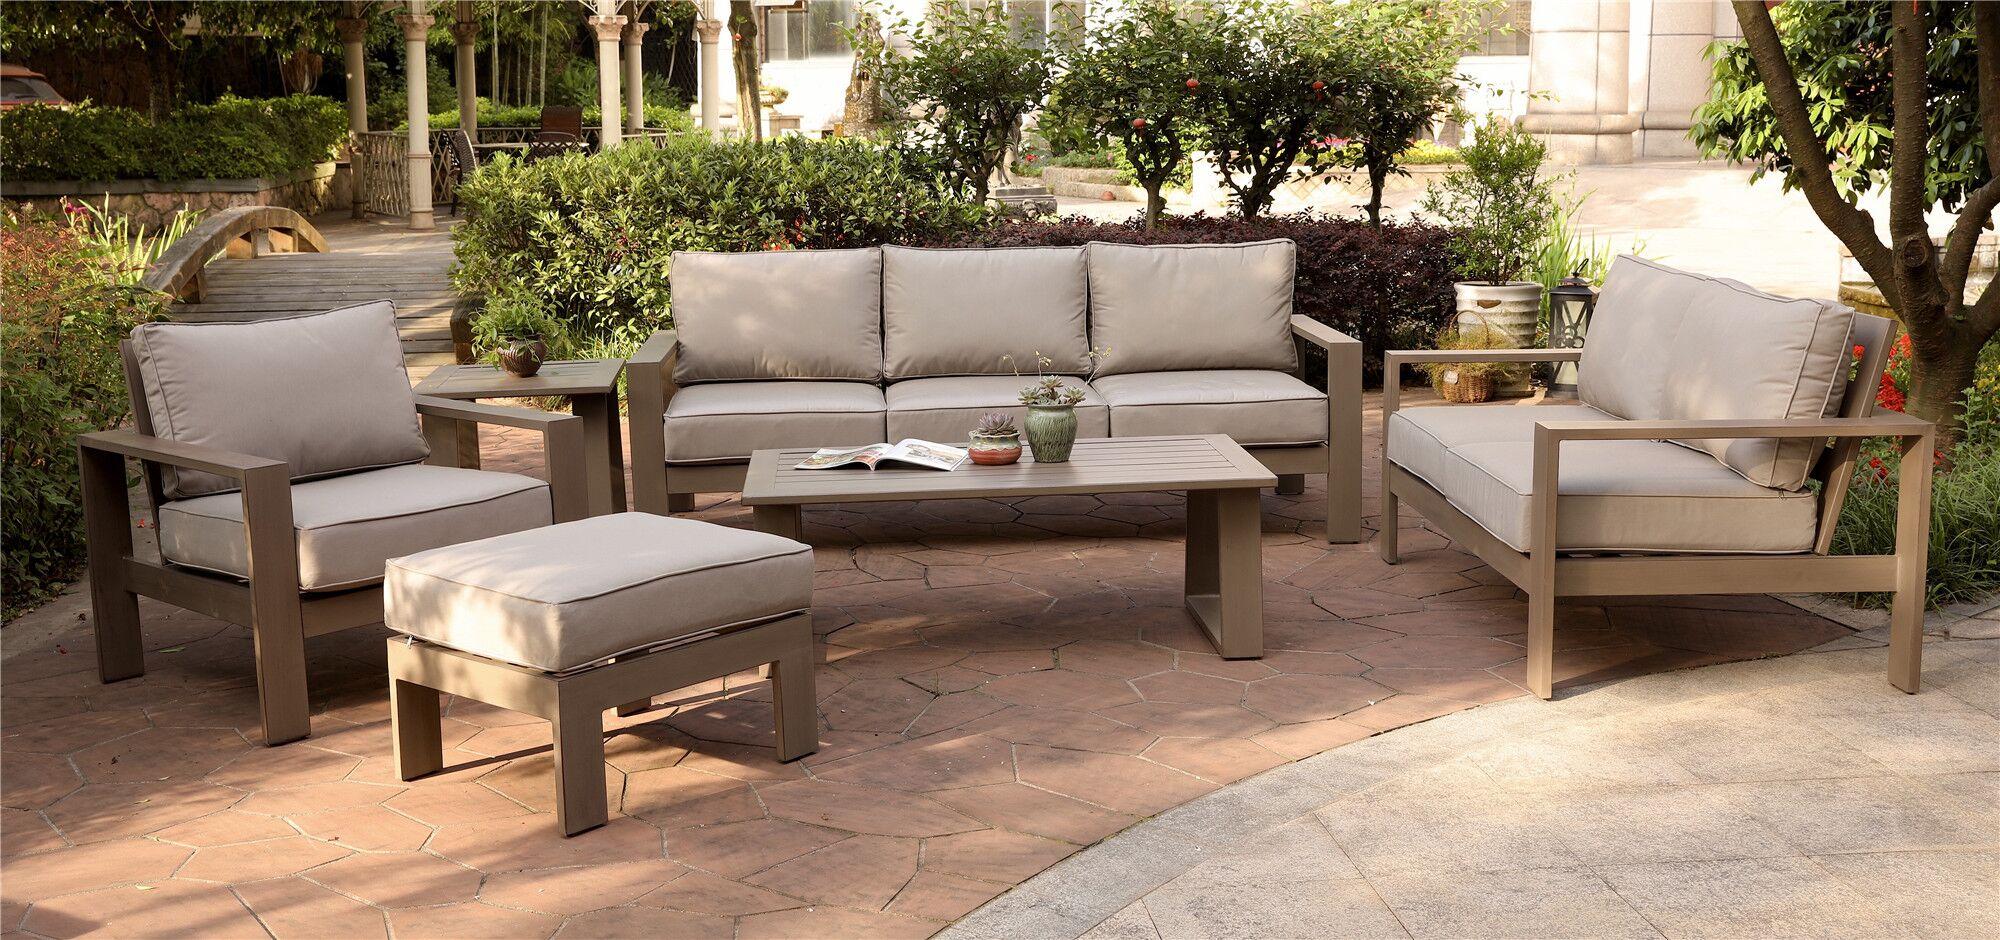 Otega 6 Piece Sofa Set with Cushions